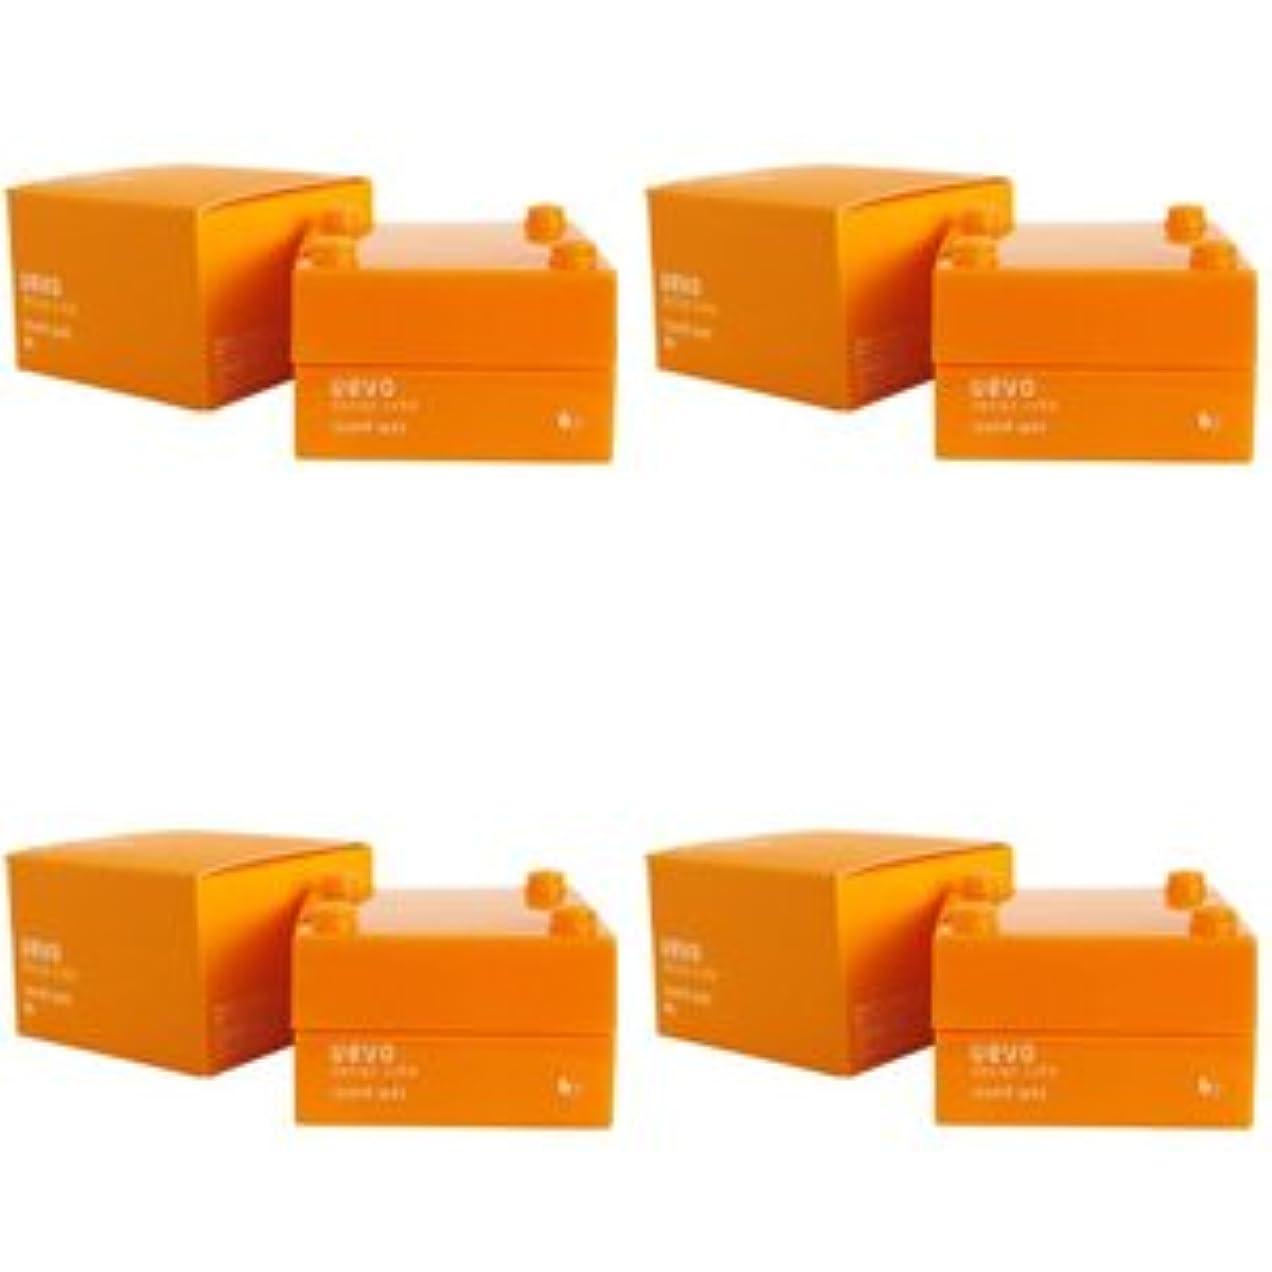 不健康立ち寄る独立して【X4個セット】 デミ ウェーボ デザインキューブ ラウンドワックス 30g round wax DEMI uevo design cube